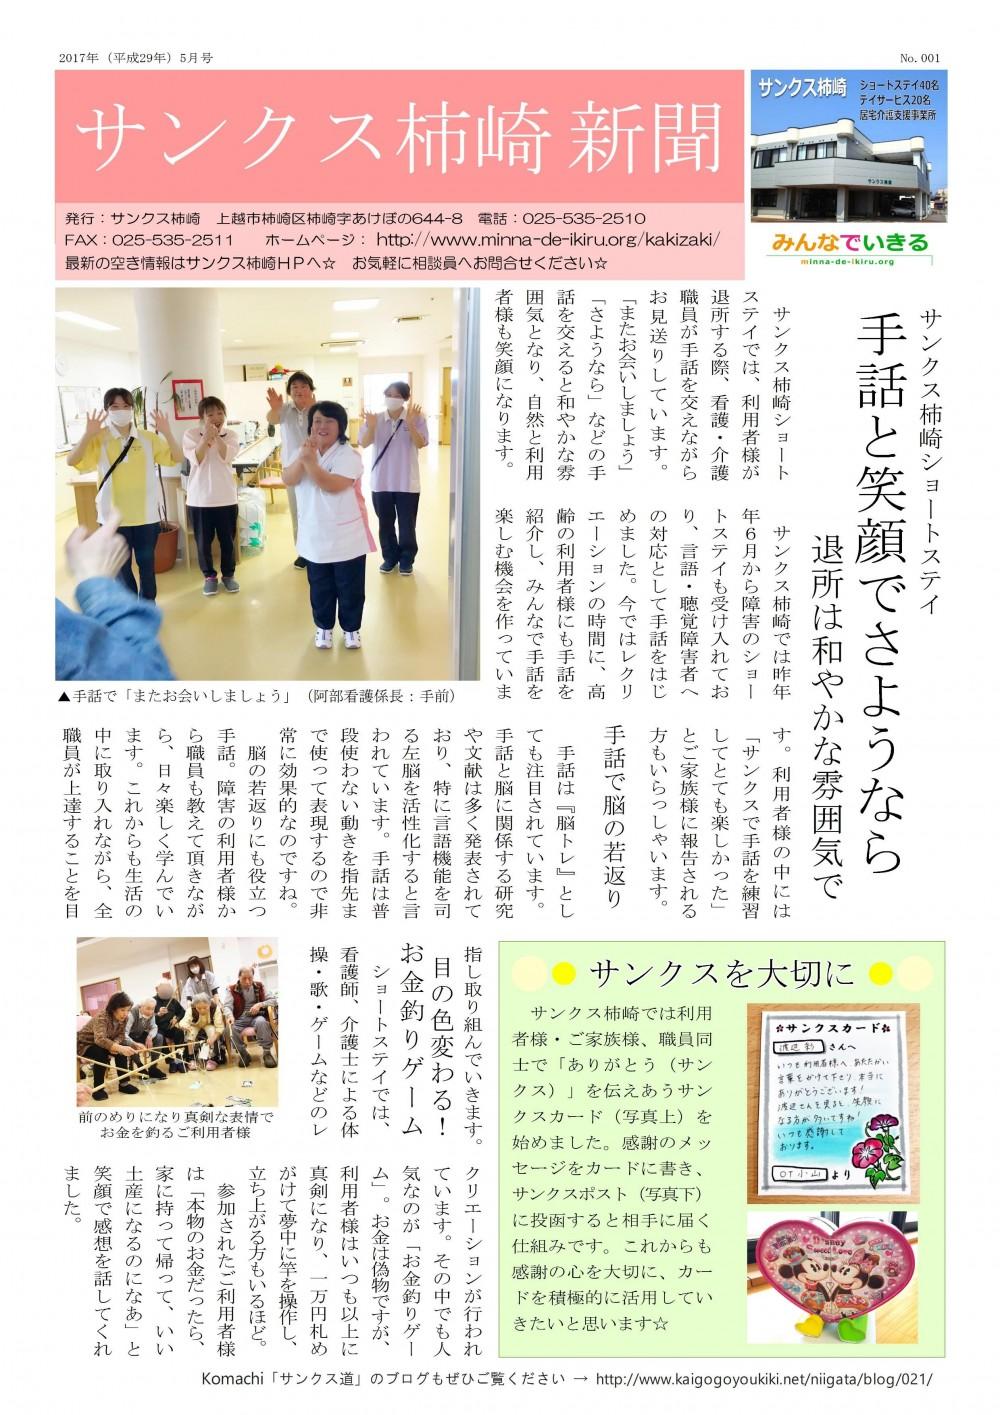 サンクス柿崎新聞 発刊しました!